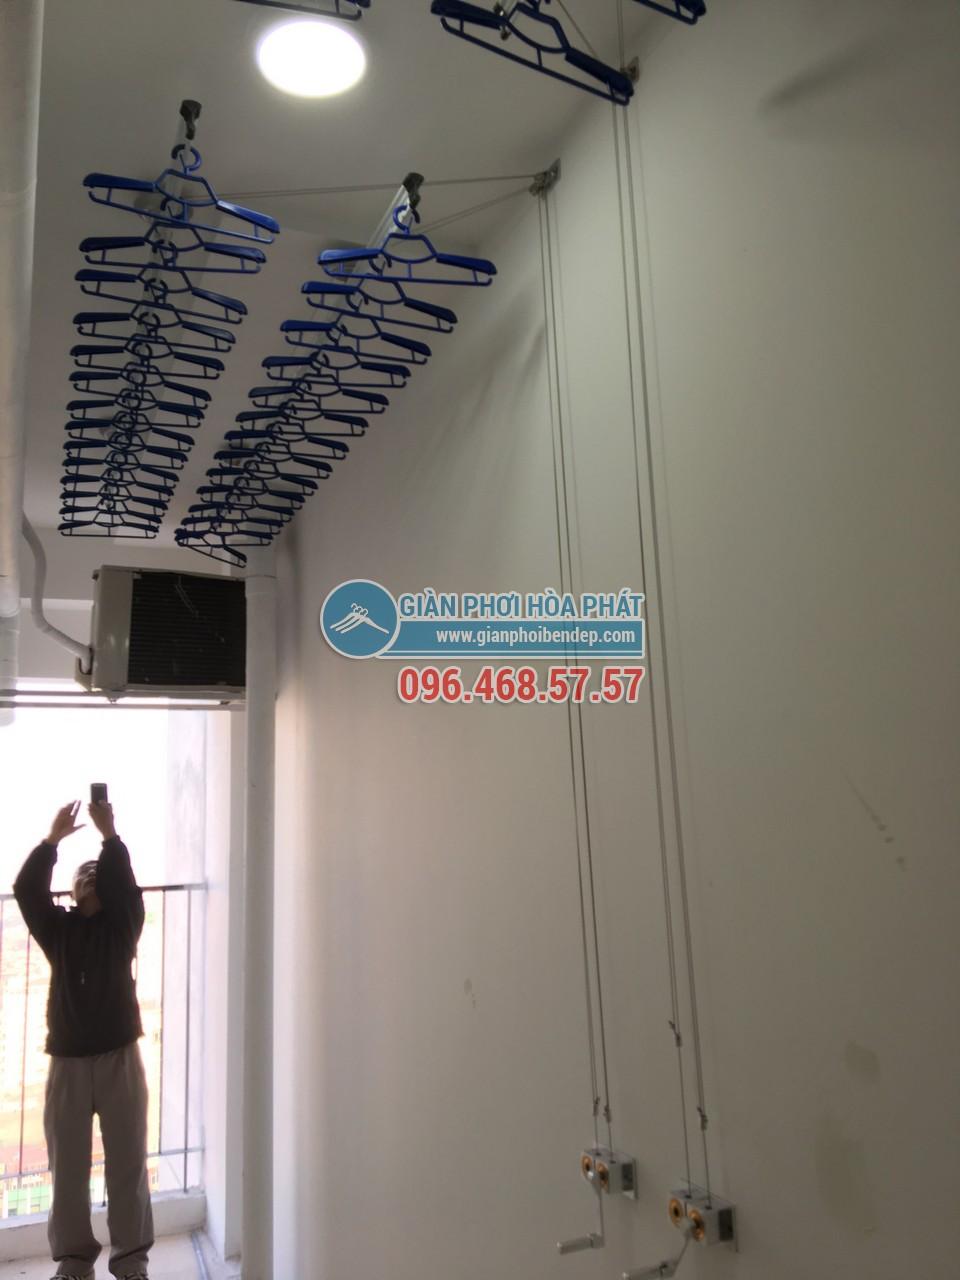 Hoàn thiện lắp đặt giàn phơi thông minh tại lô gia nhà chú Hưng, Golden West - 04